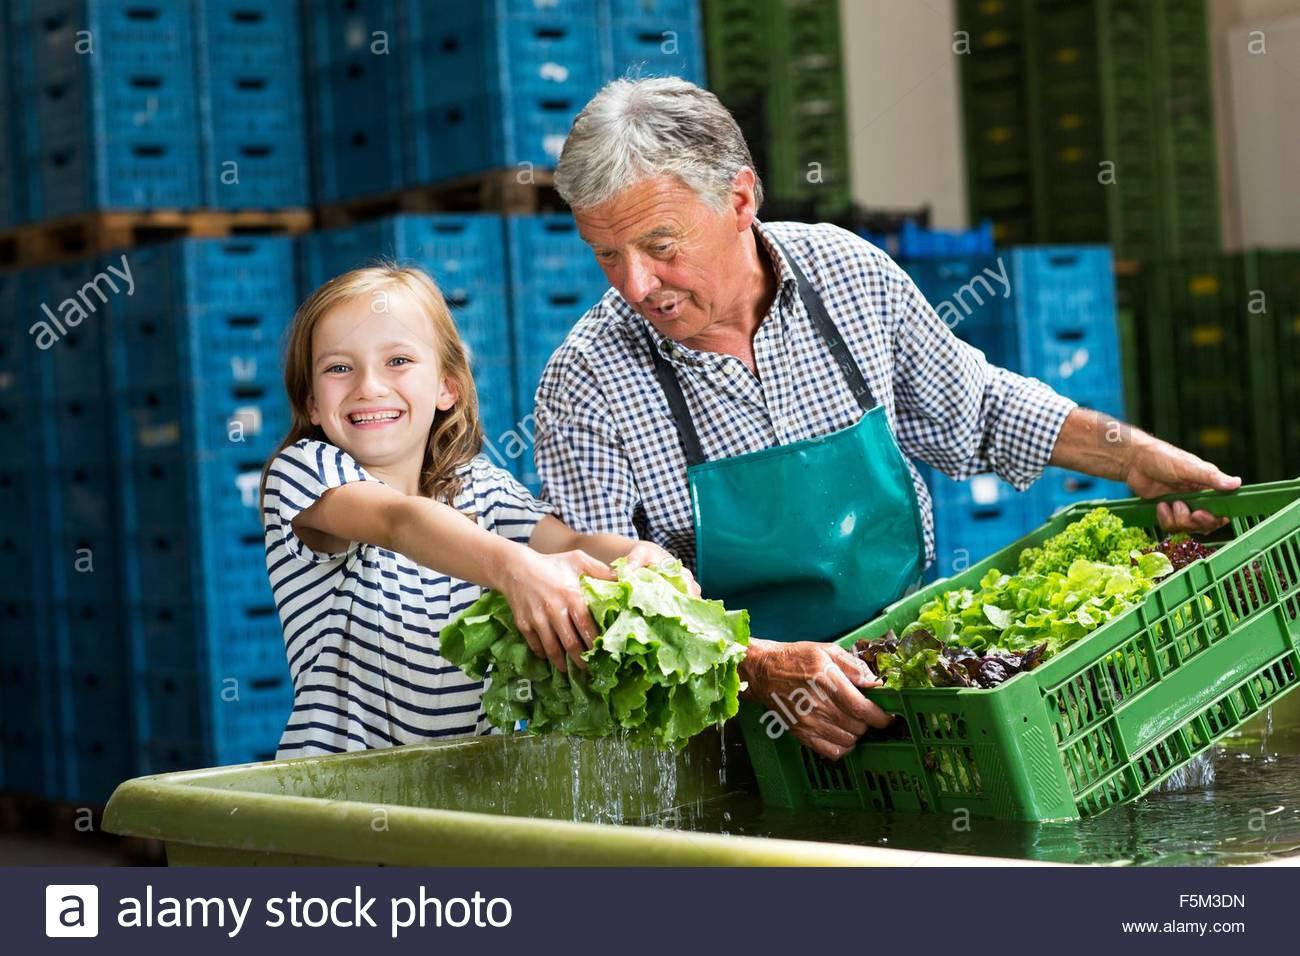 Grand-père et sa petite-fille lave-caisses de laitue, smiling at camera Photo Stock